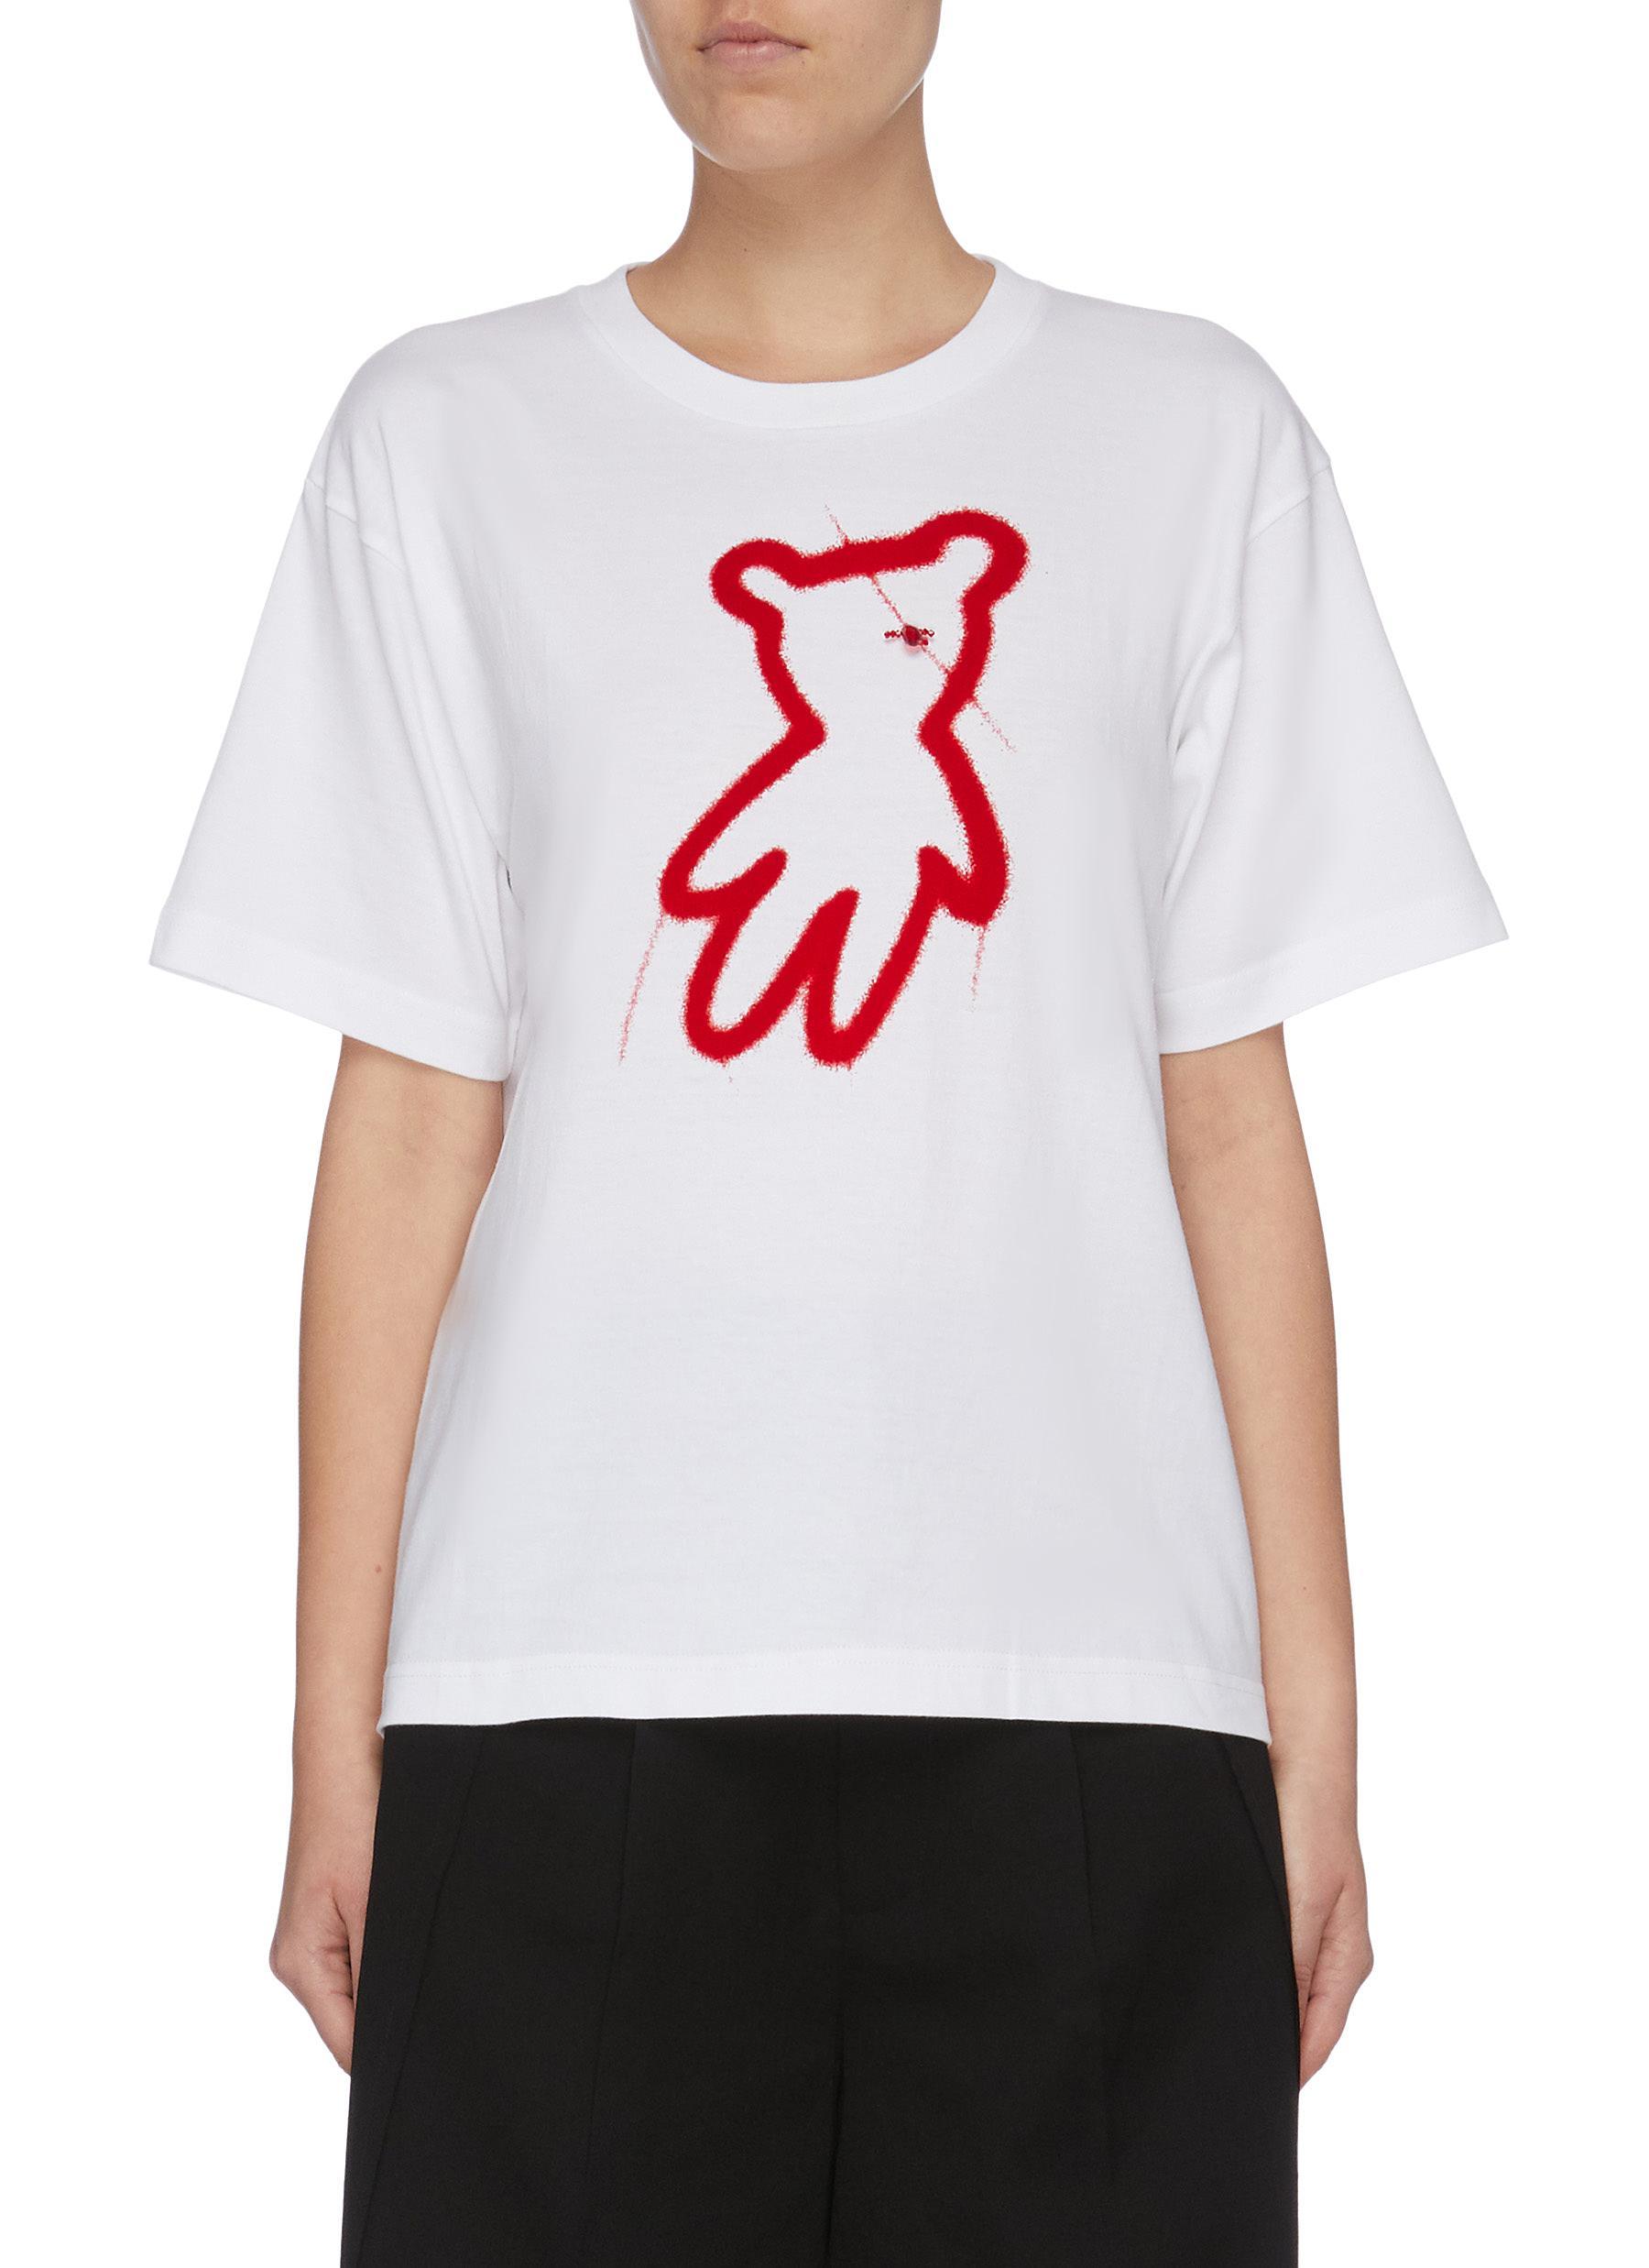 Bear print T-shirt by Shushu/Tong